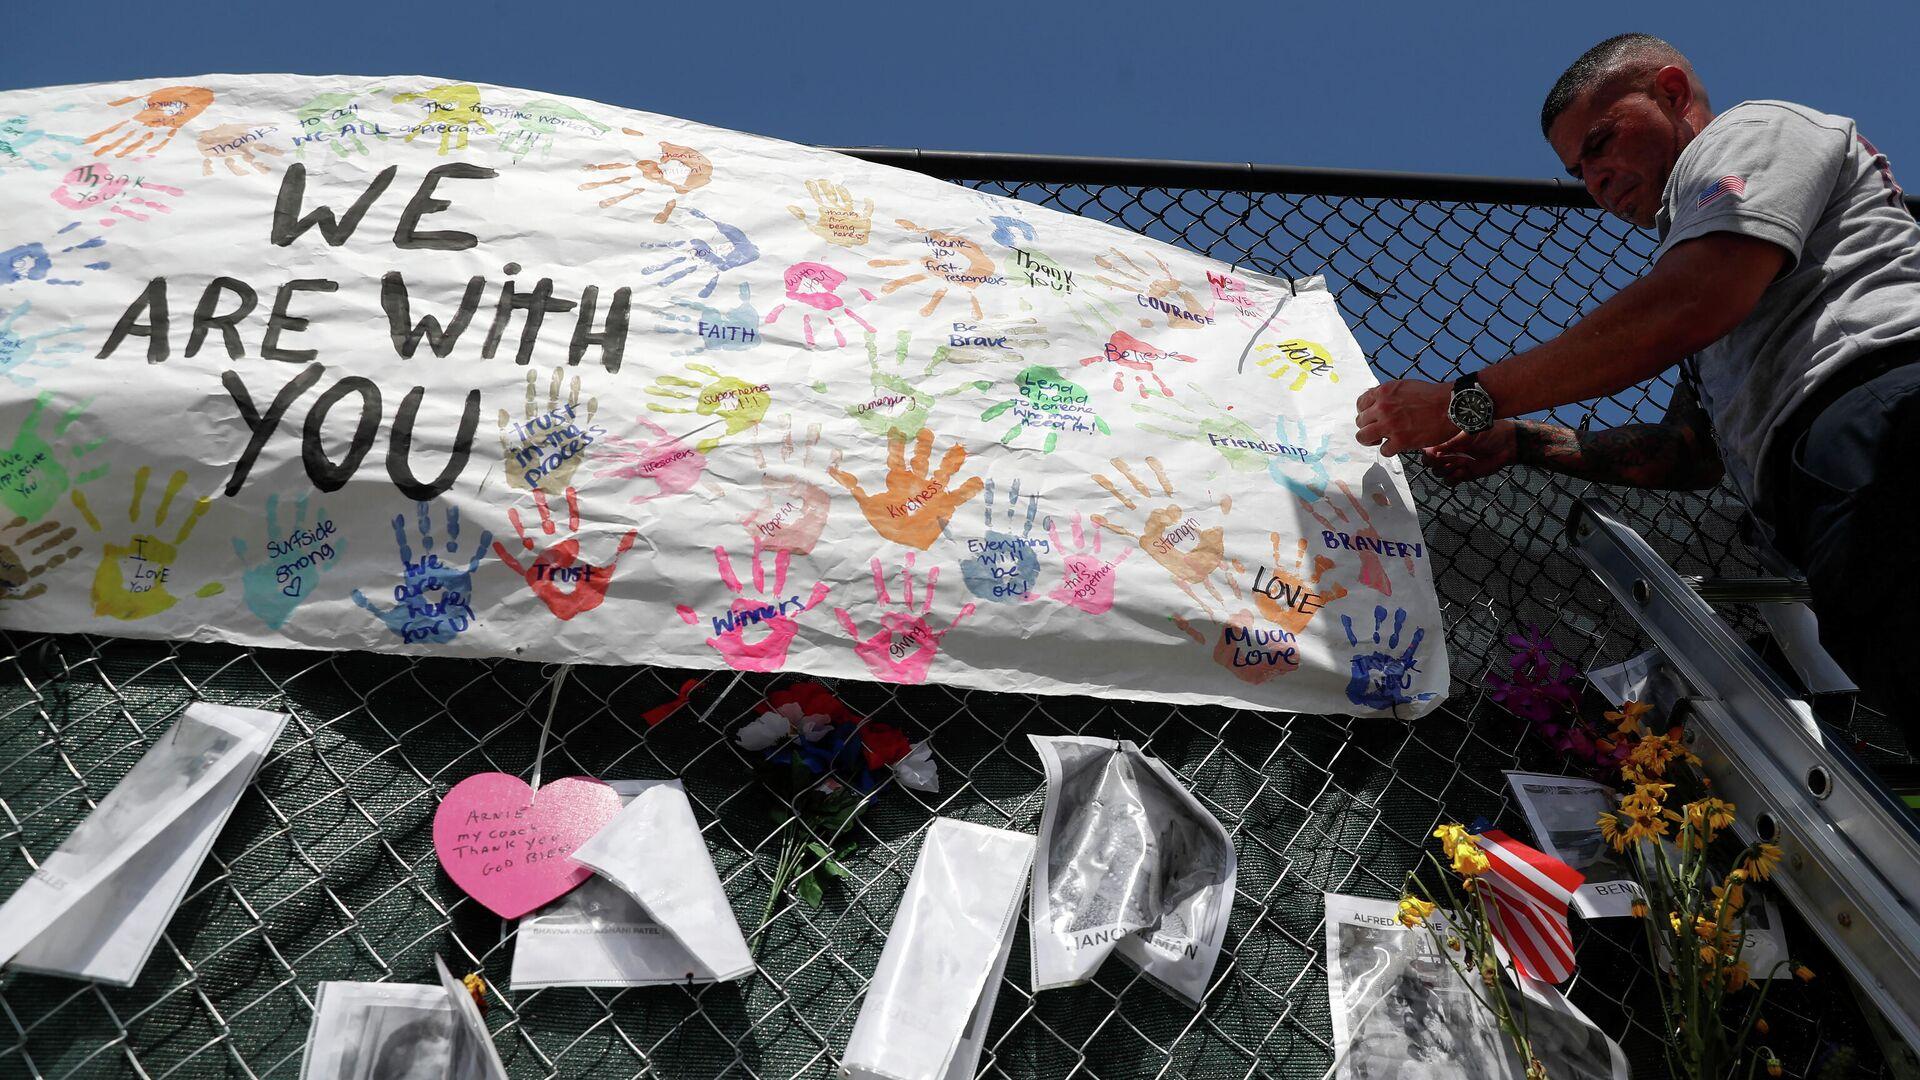 Un memorial improvisado para las víctimas del colapso del edificio Champlain Towers South en Miami, Florida (EEUU), el 8 de julio de 2021 - Sputnik Mundo, 1920, 11.07.2021